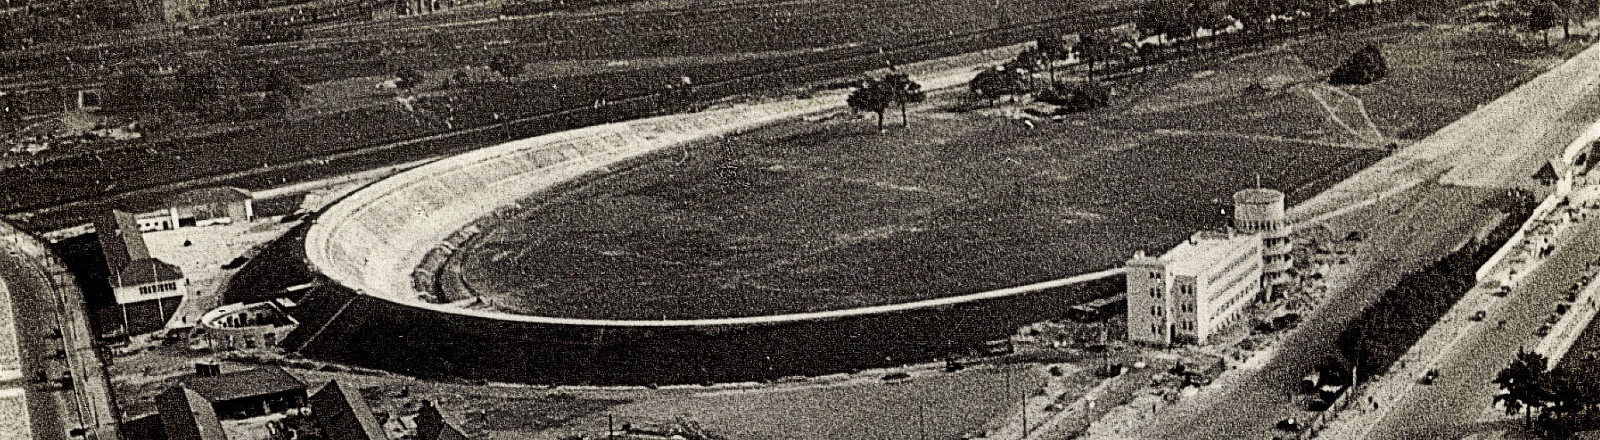 Avus, historische Aufnahme, etwa 1935